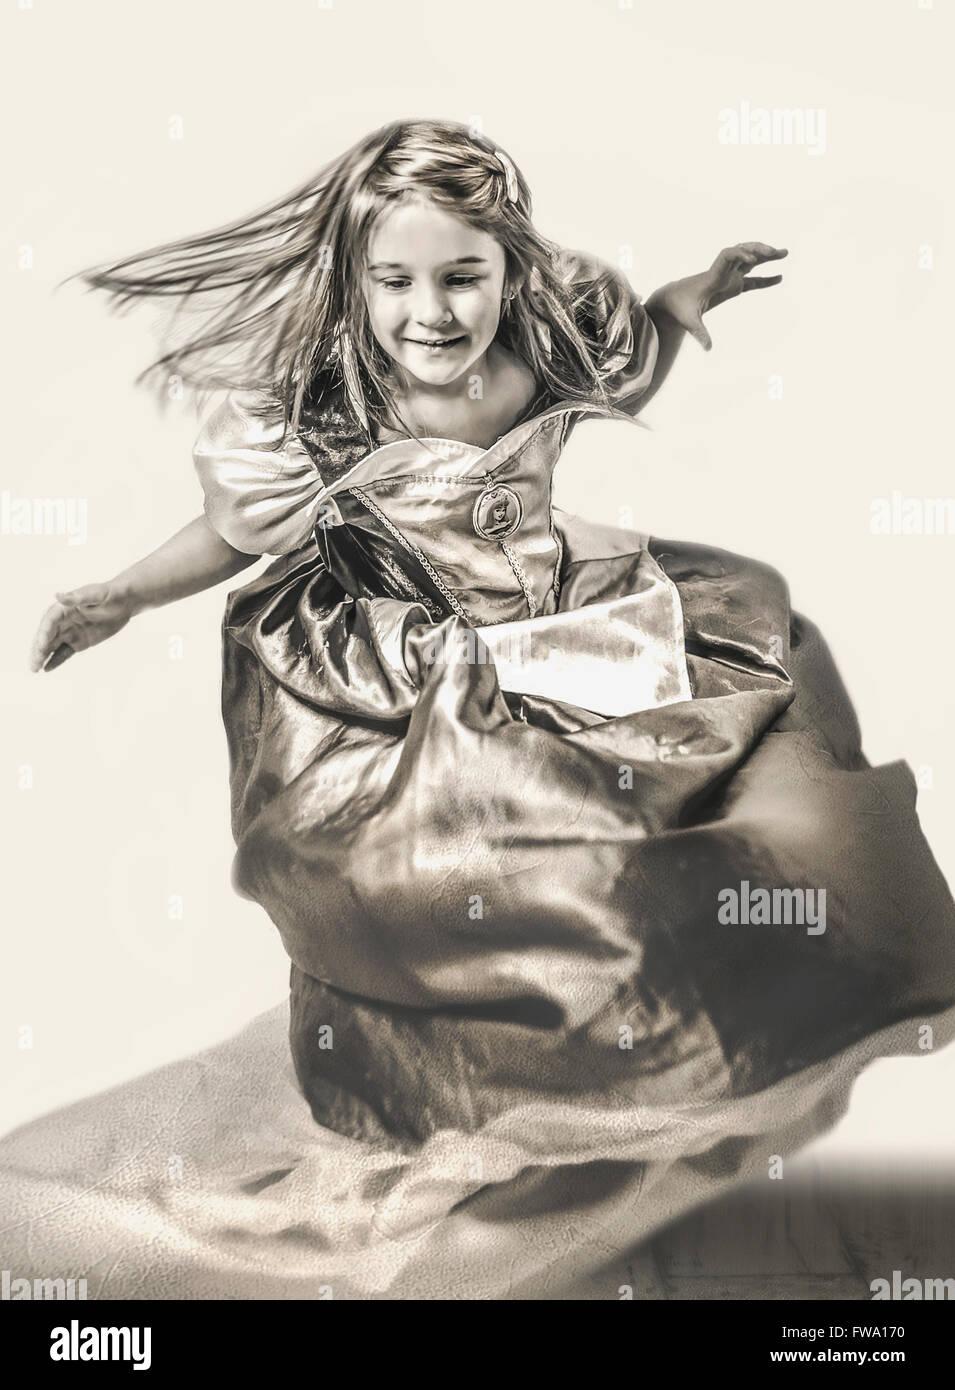 Giovane ragazza danzante in abiti lunghi Immagini Stock